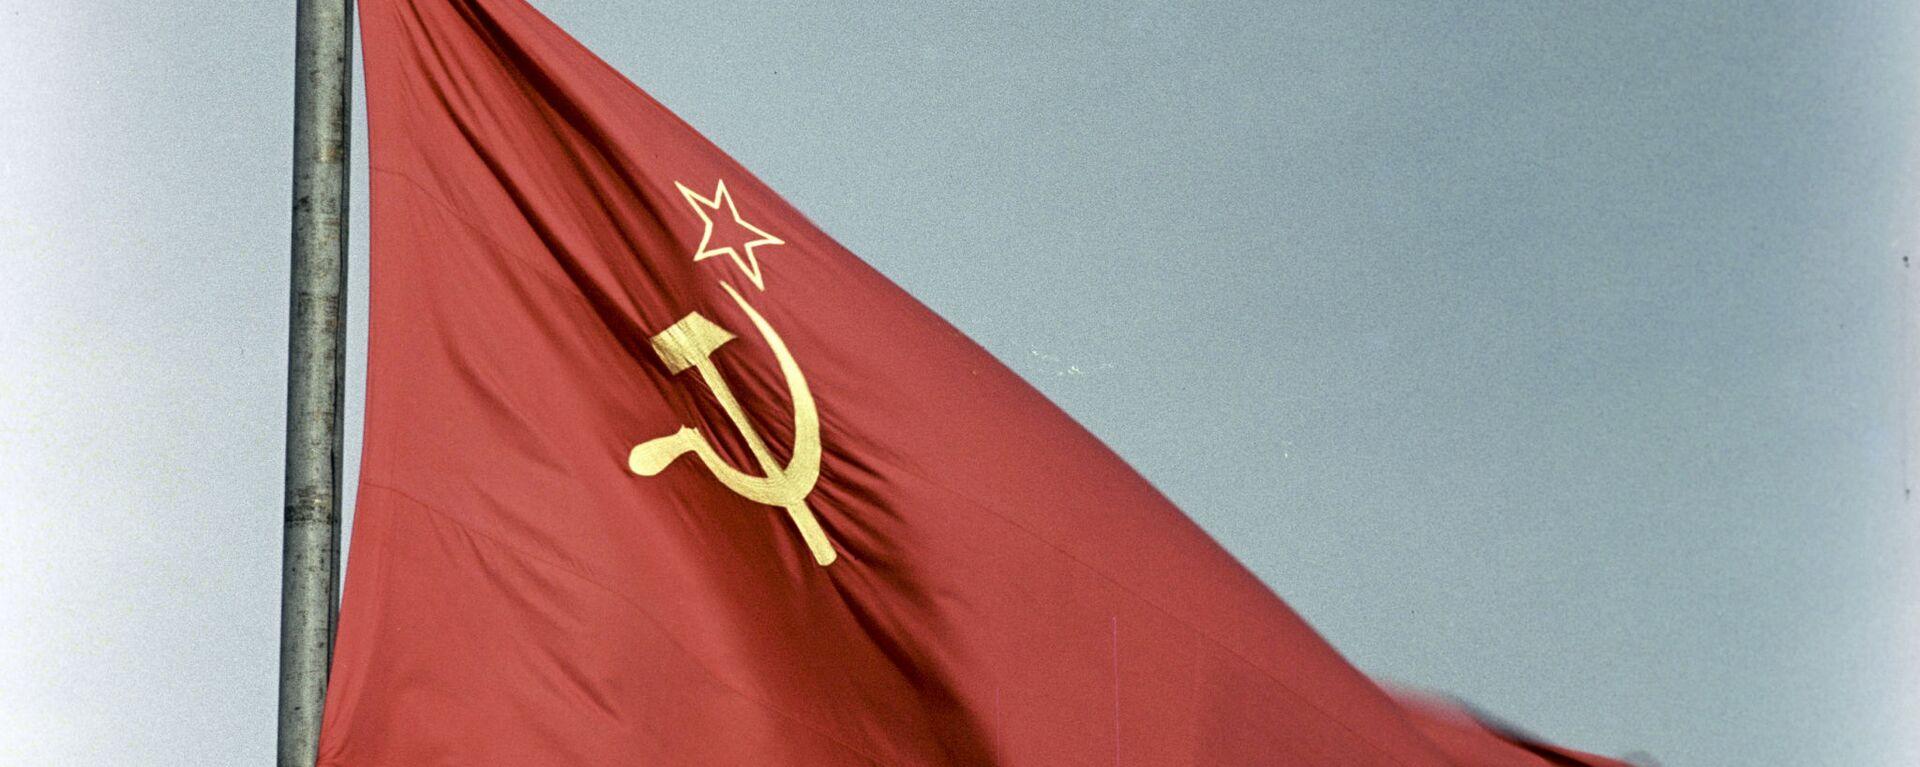 La bandera de la URSS - Sputnik Mundo, 1920, 08.12.2020